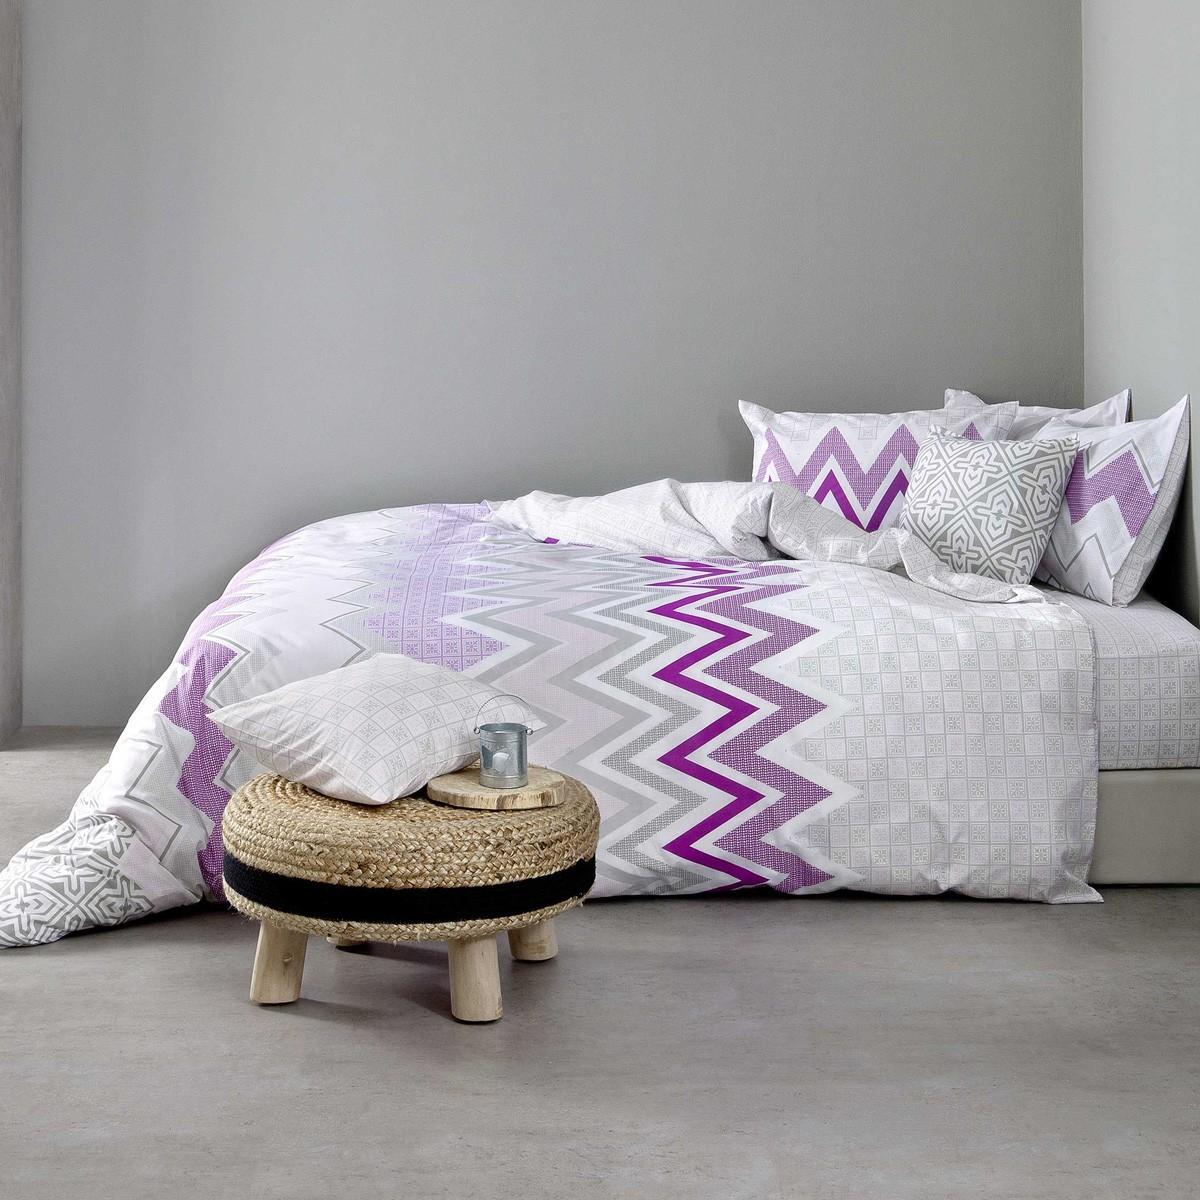 Παπλωματοθήκη Μονή (Σετ) Nima Bed Linen Pozitano Lilac